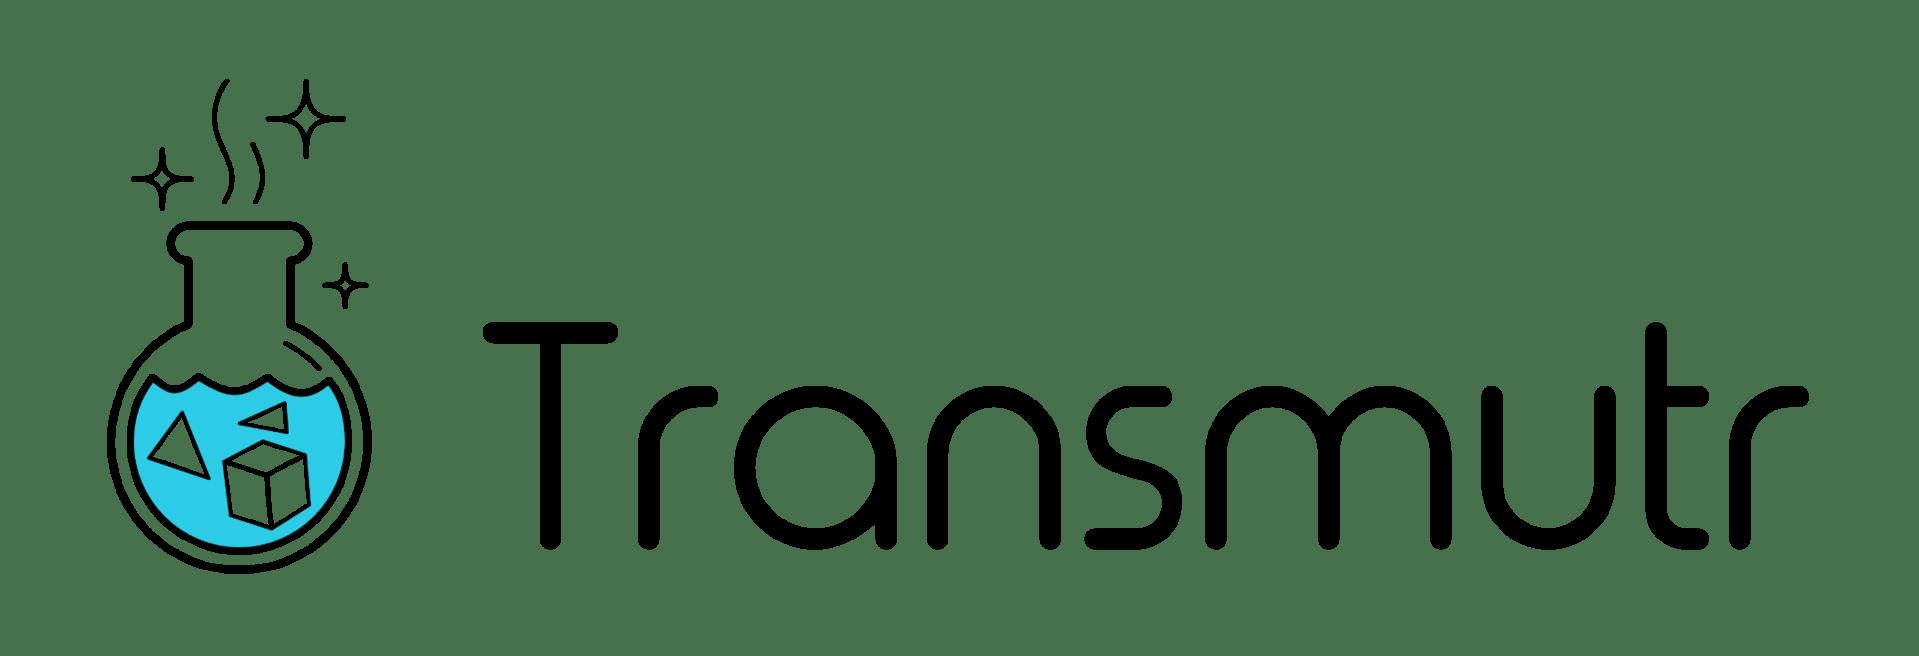 Transmutr for SketchUp